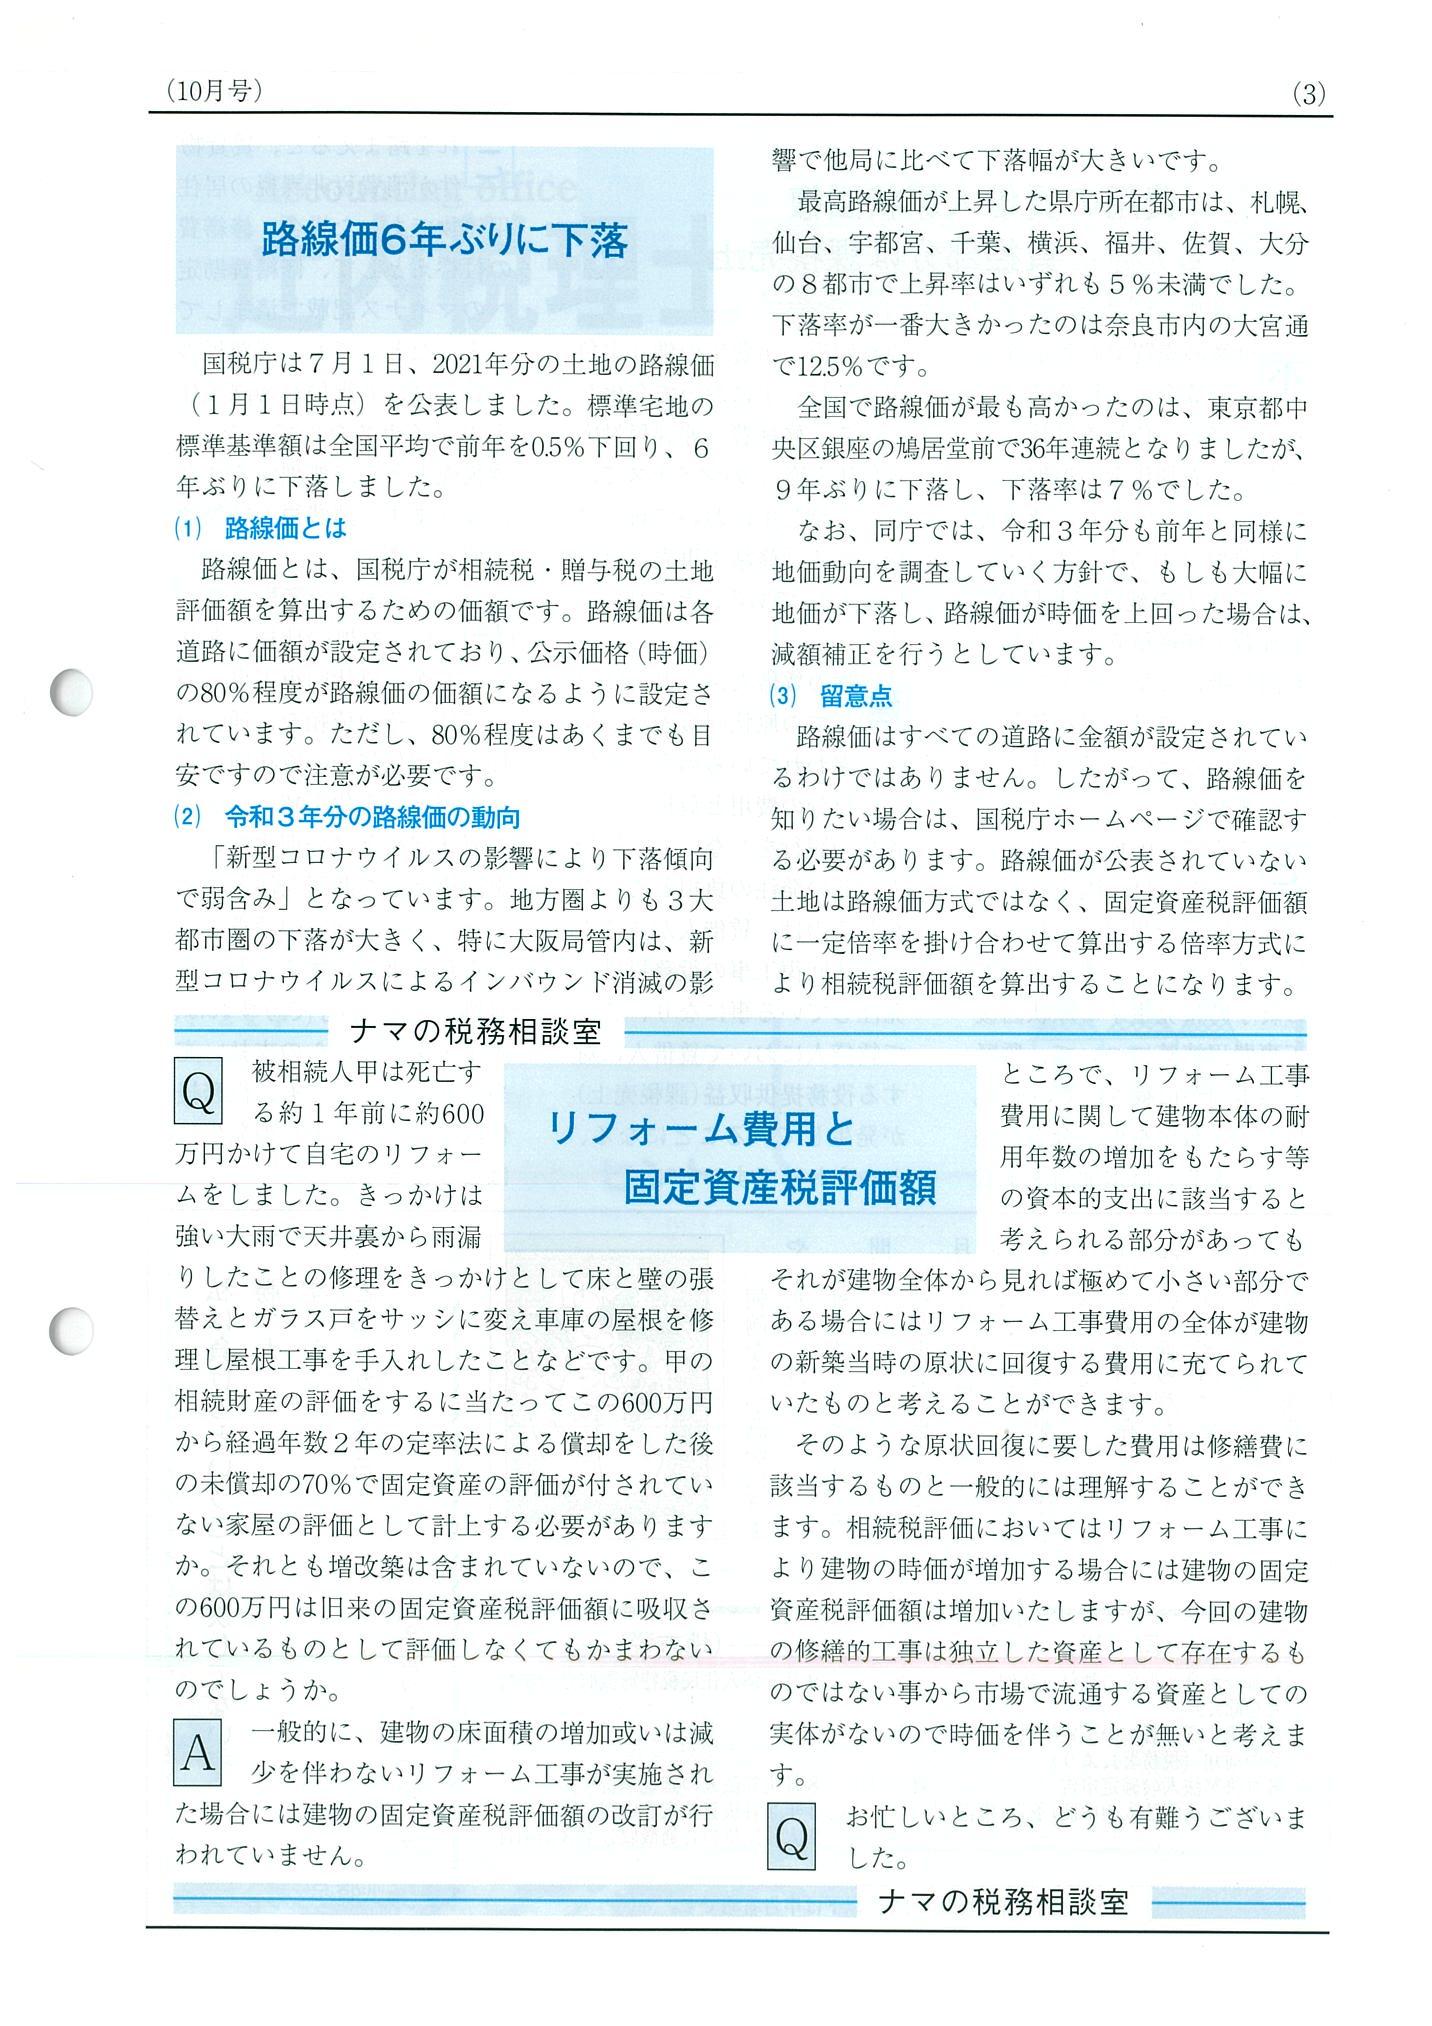 税理士事務所通信10月号ページ3